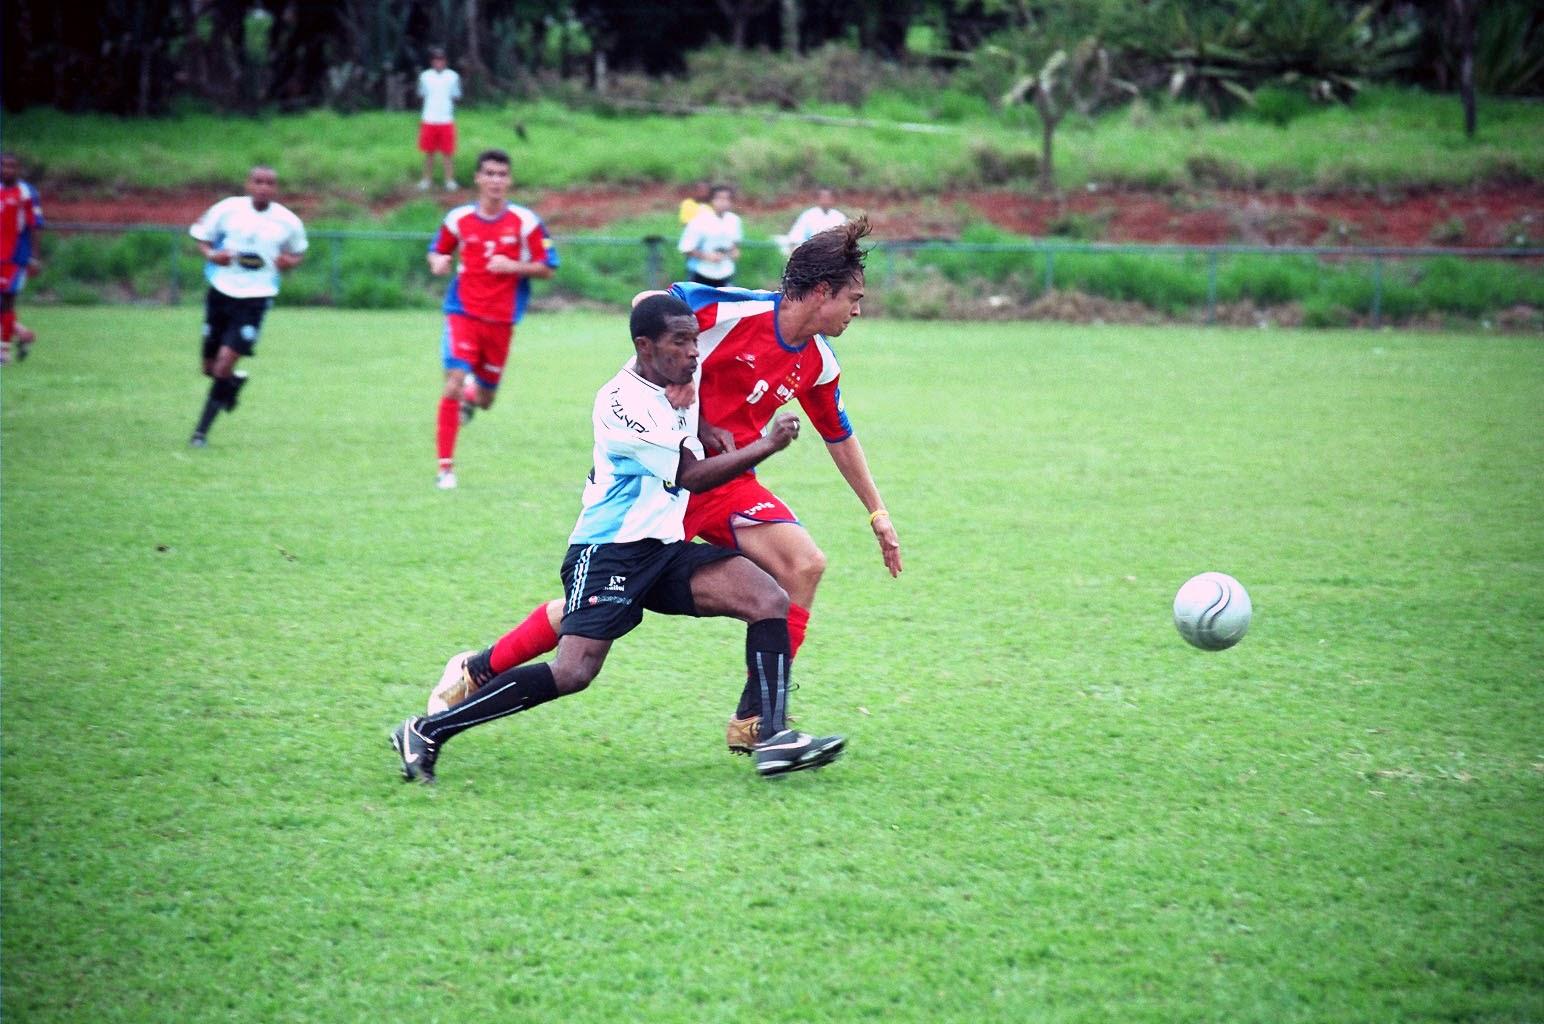 Imagenes De Partidos De Futbol - Fotos partidos de fútbol Photaki